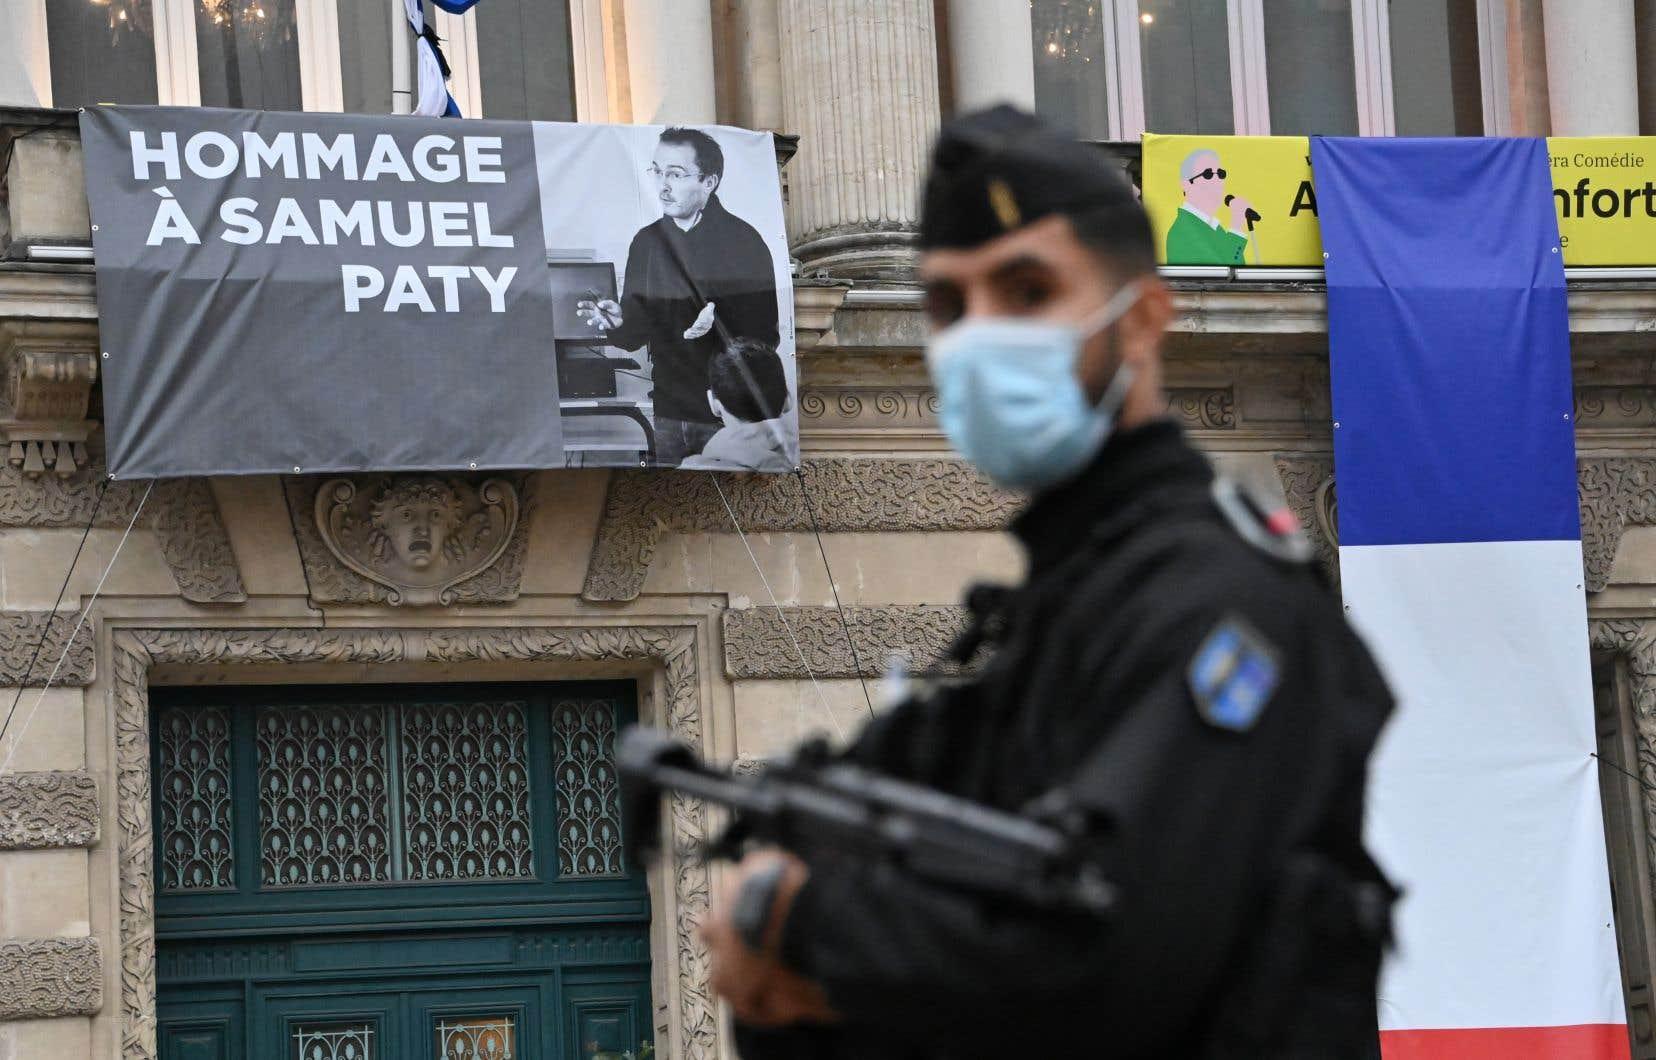 Samuel Paty, un enseignant de 47 ans, a été brutalement assassiné par un réfugié russe d'origine tchétchène le 16 octobre dernier.